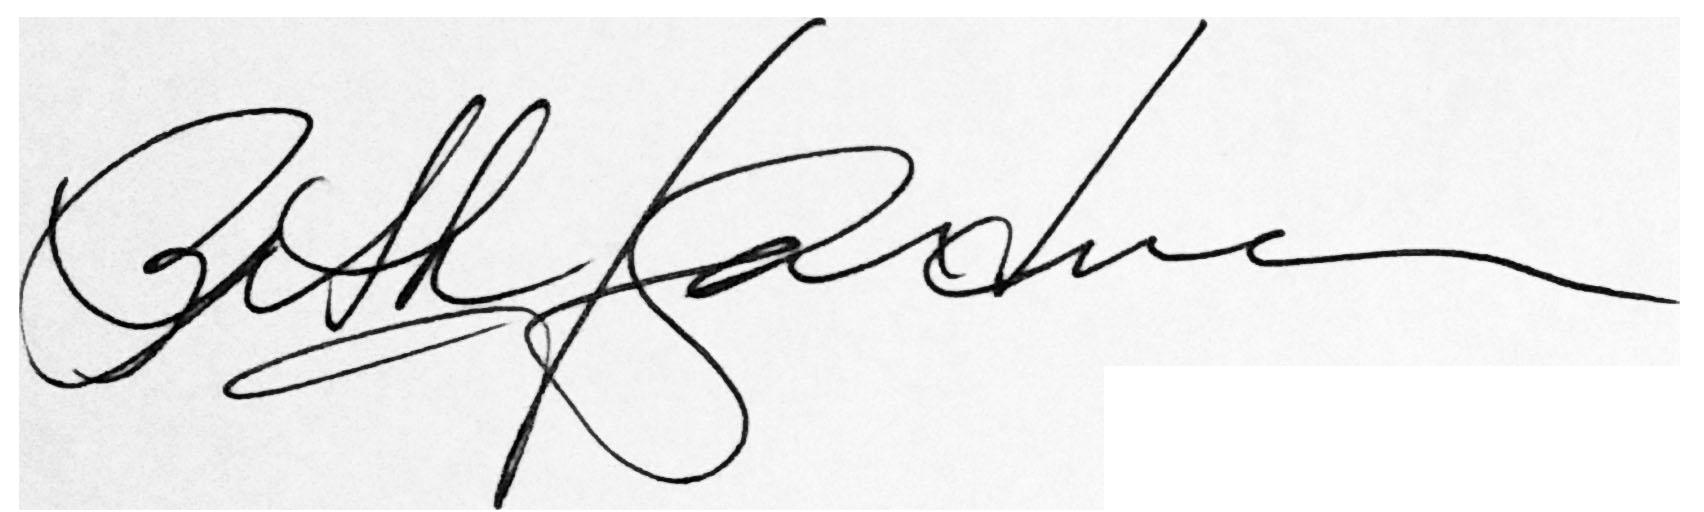 Beth Gardner's Signature